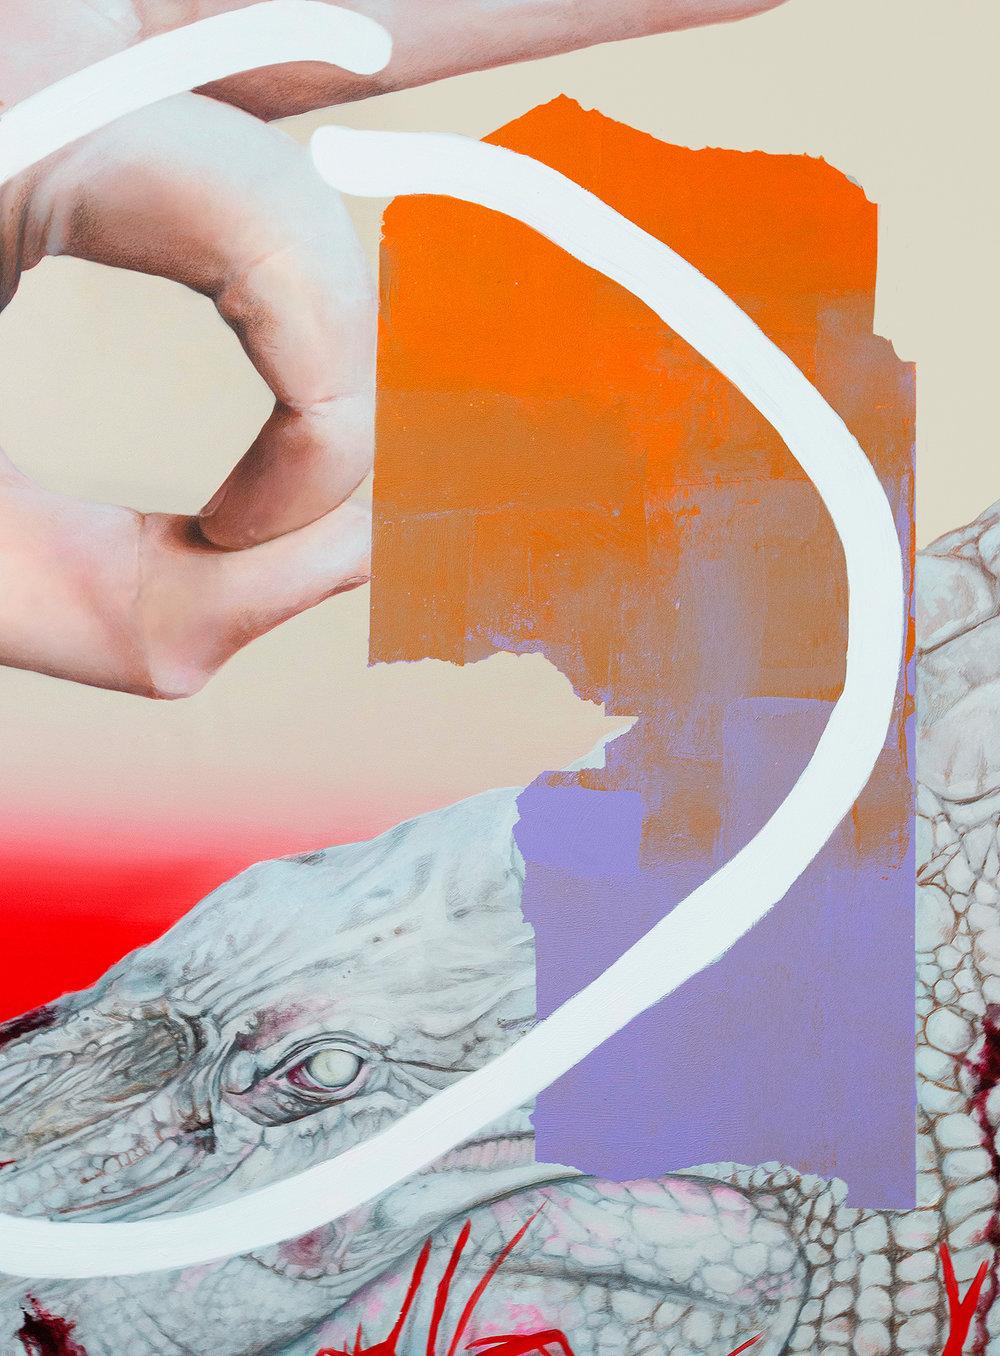 6 Andrea Martinucci - Glory Black Hole, exhibition view, Dimora Artica (ph Andrea Cenetiempo).jpg